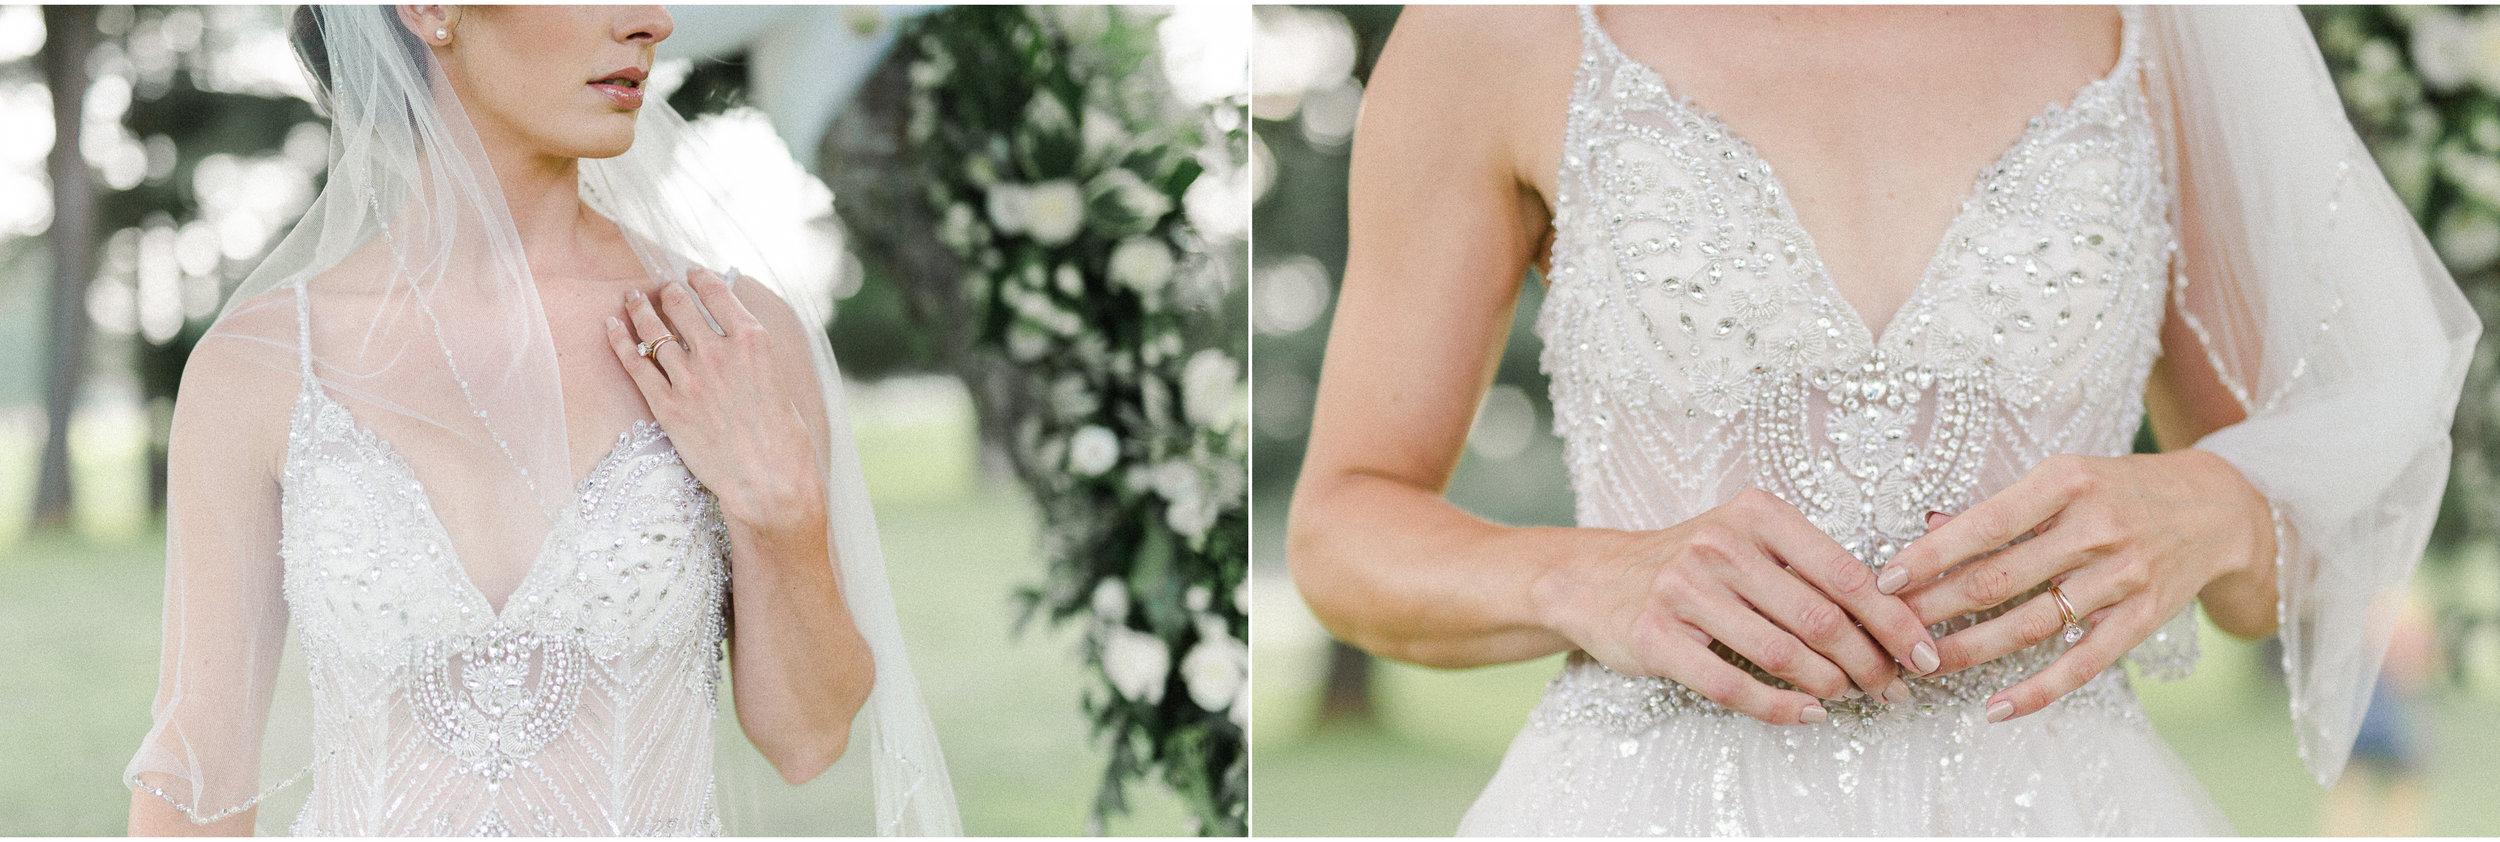 Elegant Wedding Shoot in Sharon, Massachusetts 1.jpg